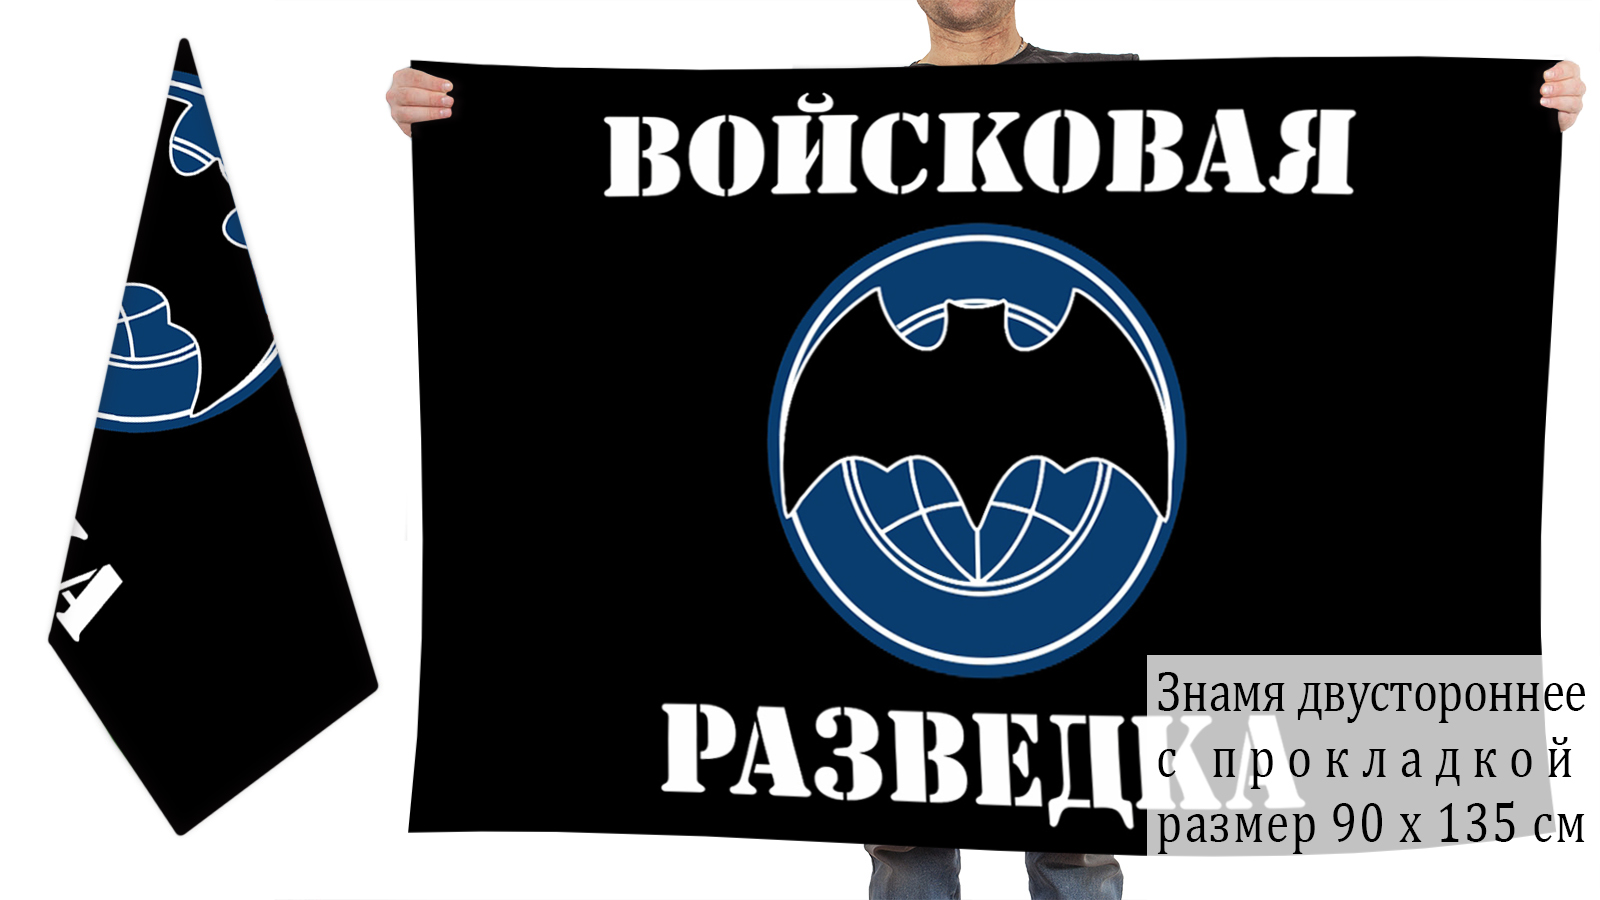 Двусторонний флаг Войсковой разведки